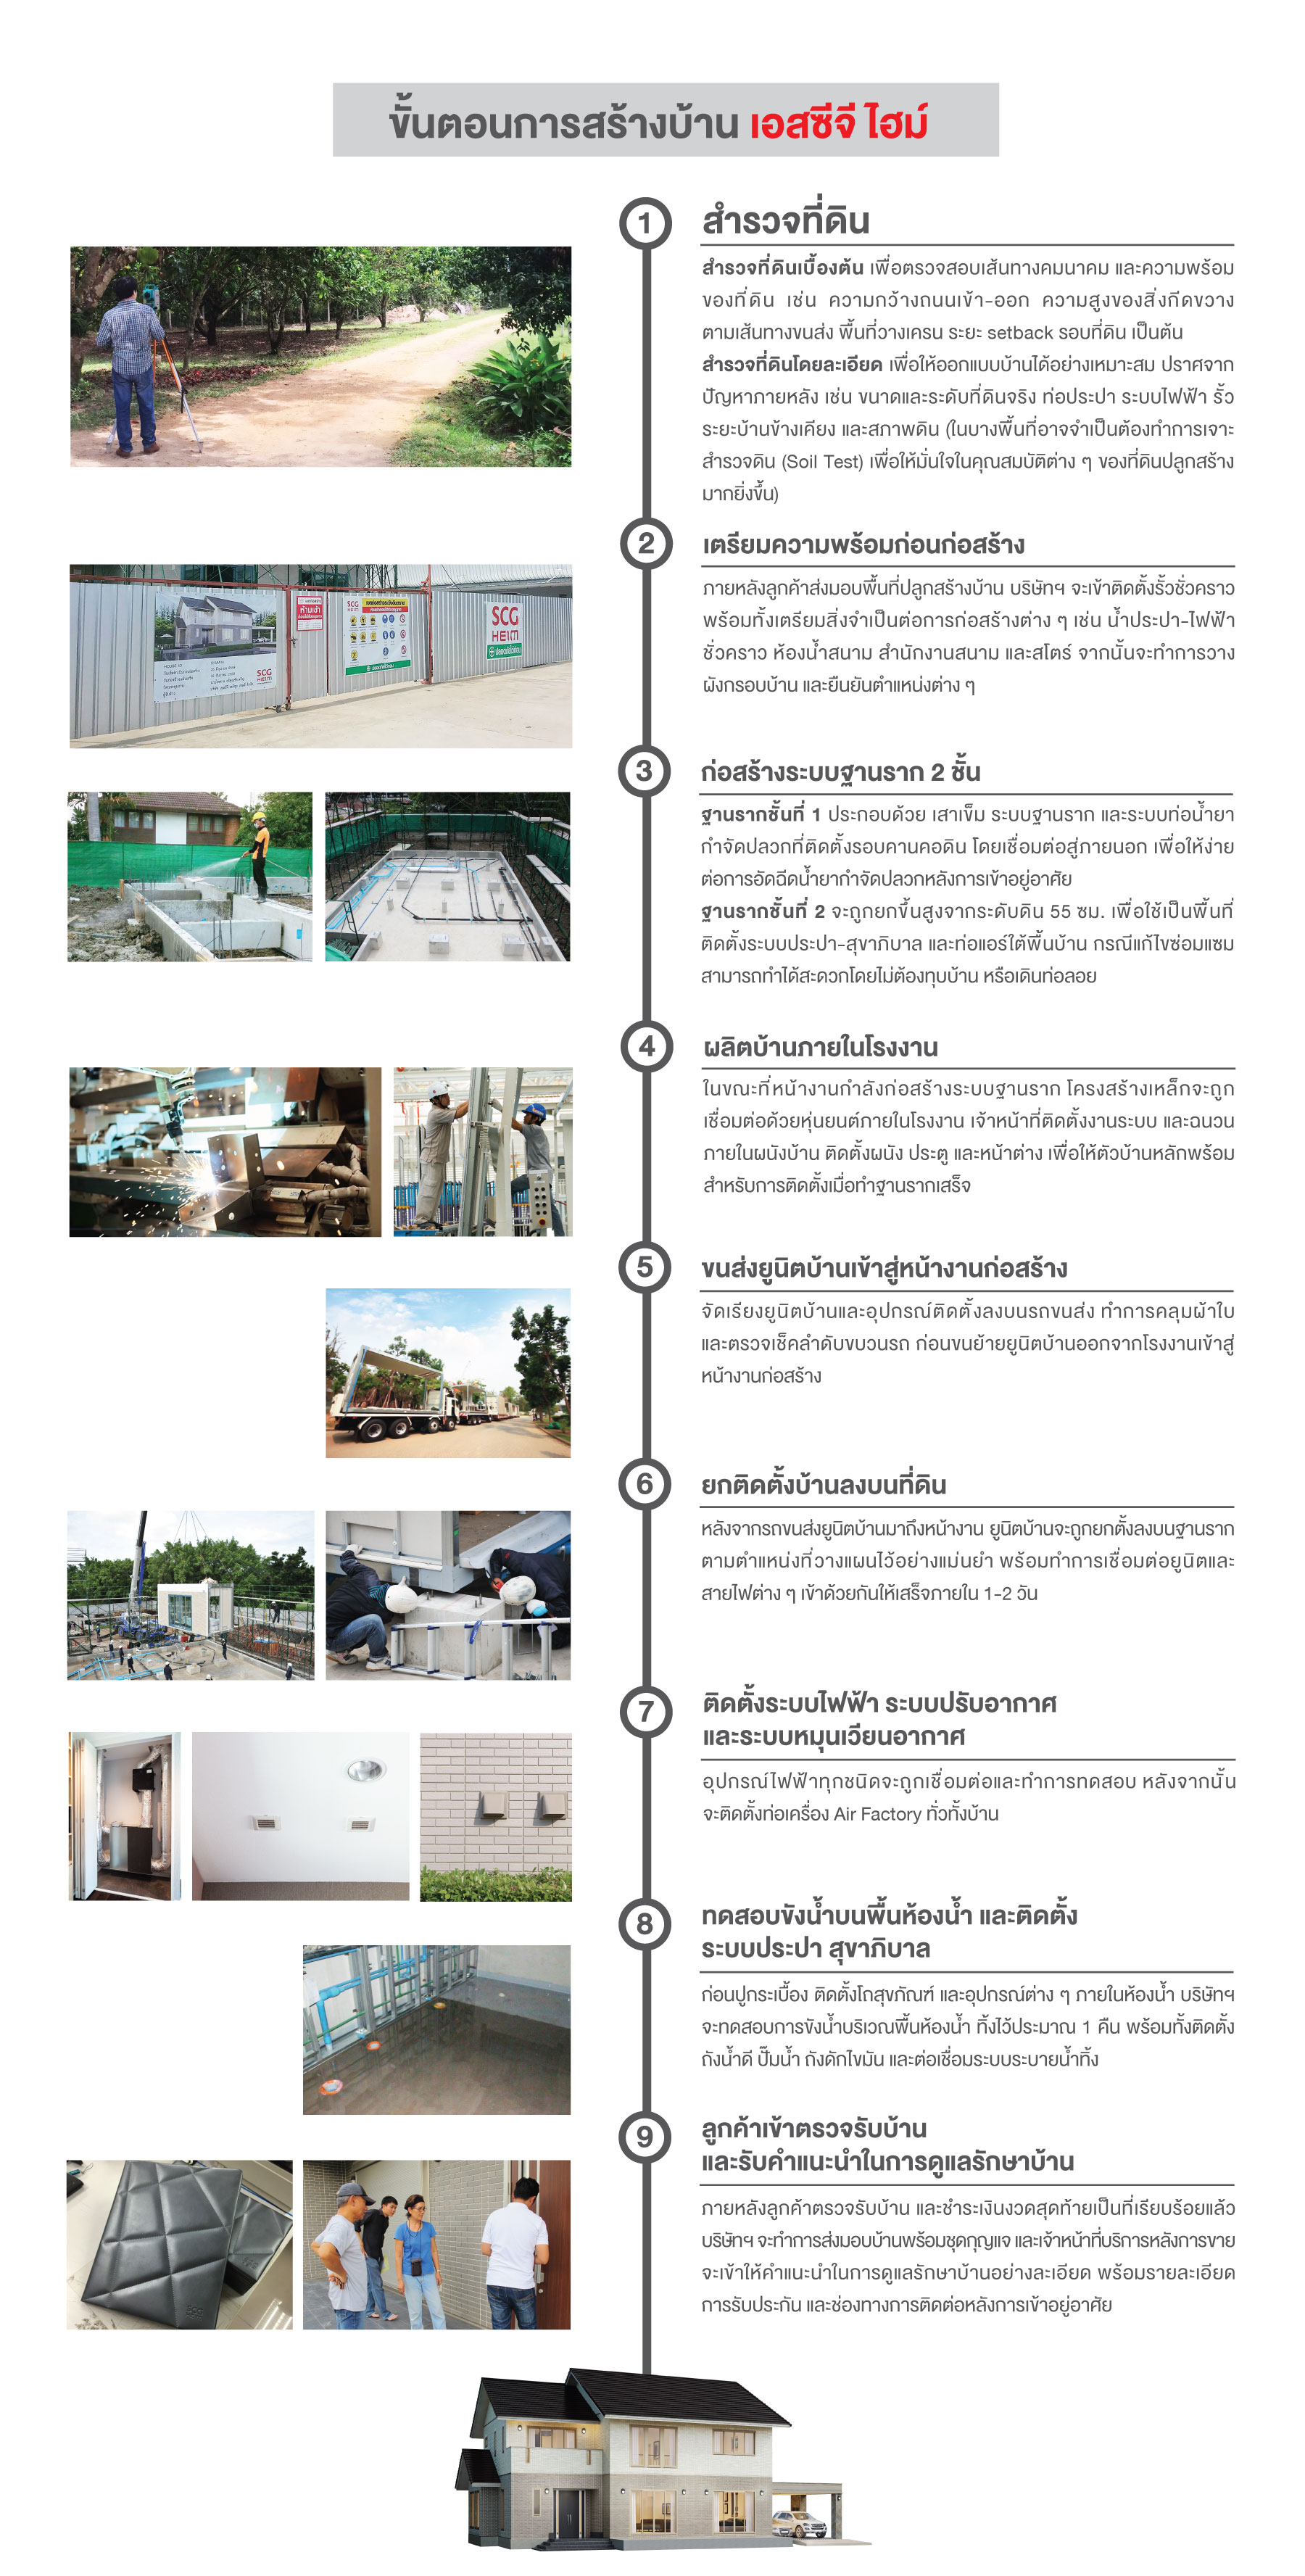 SCG HEIM, สร้างบ้าน, บ้าน SCG, บ้านเอสซีจี, แบบบ้านเอสซีจี, SCG, เอสซีจี